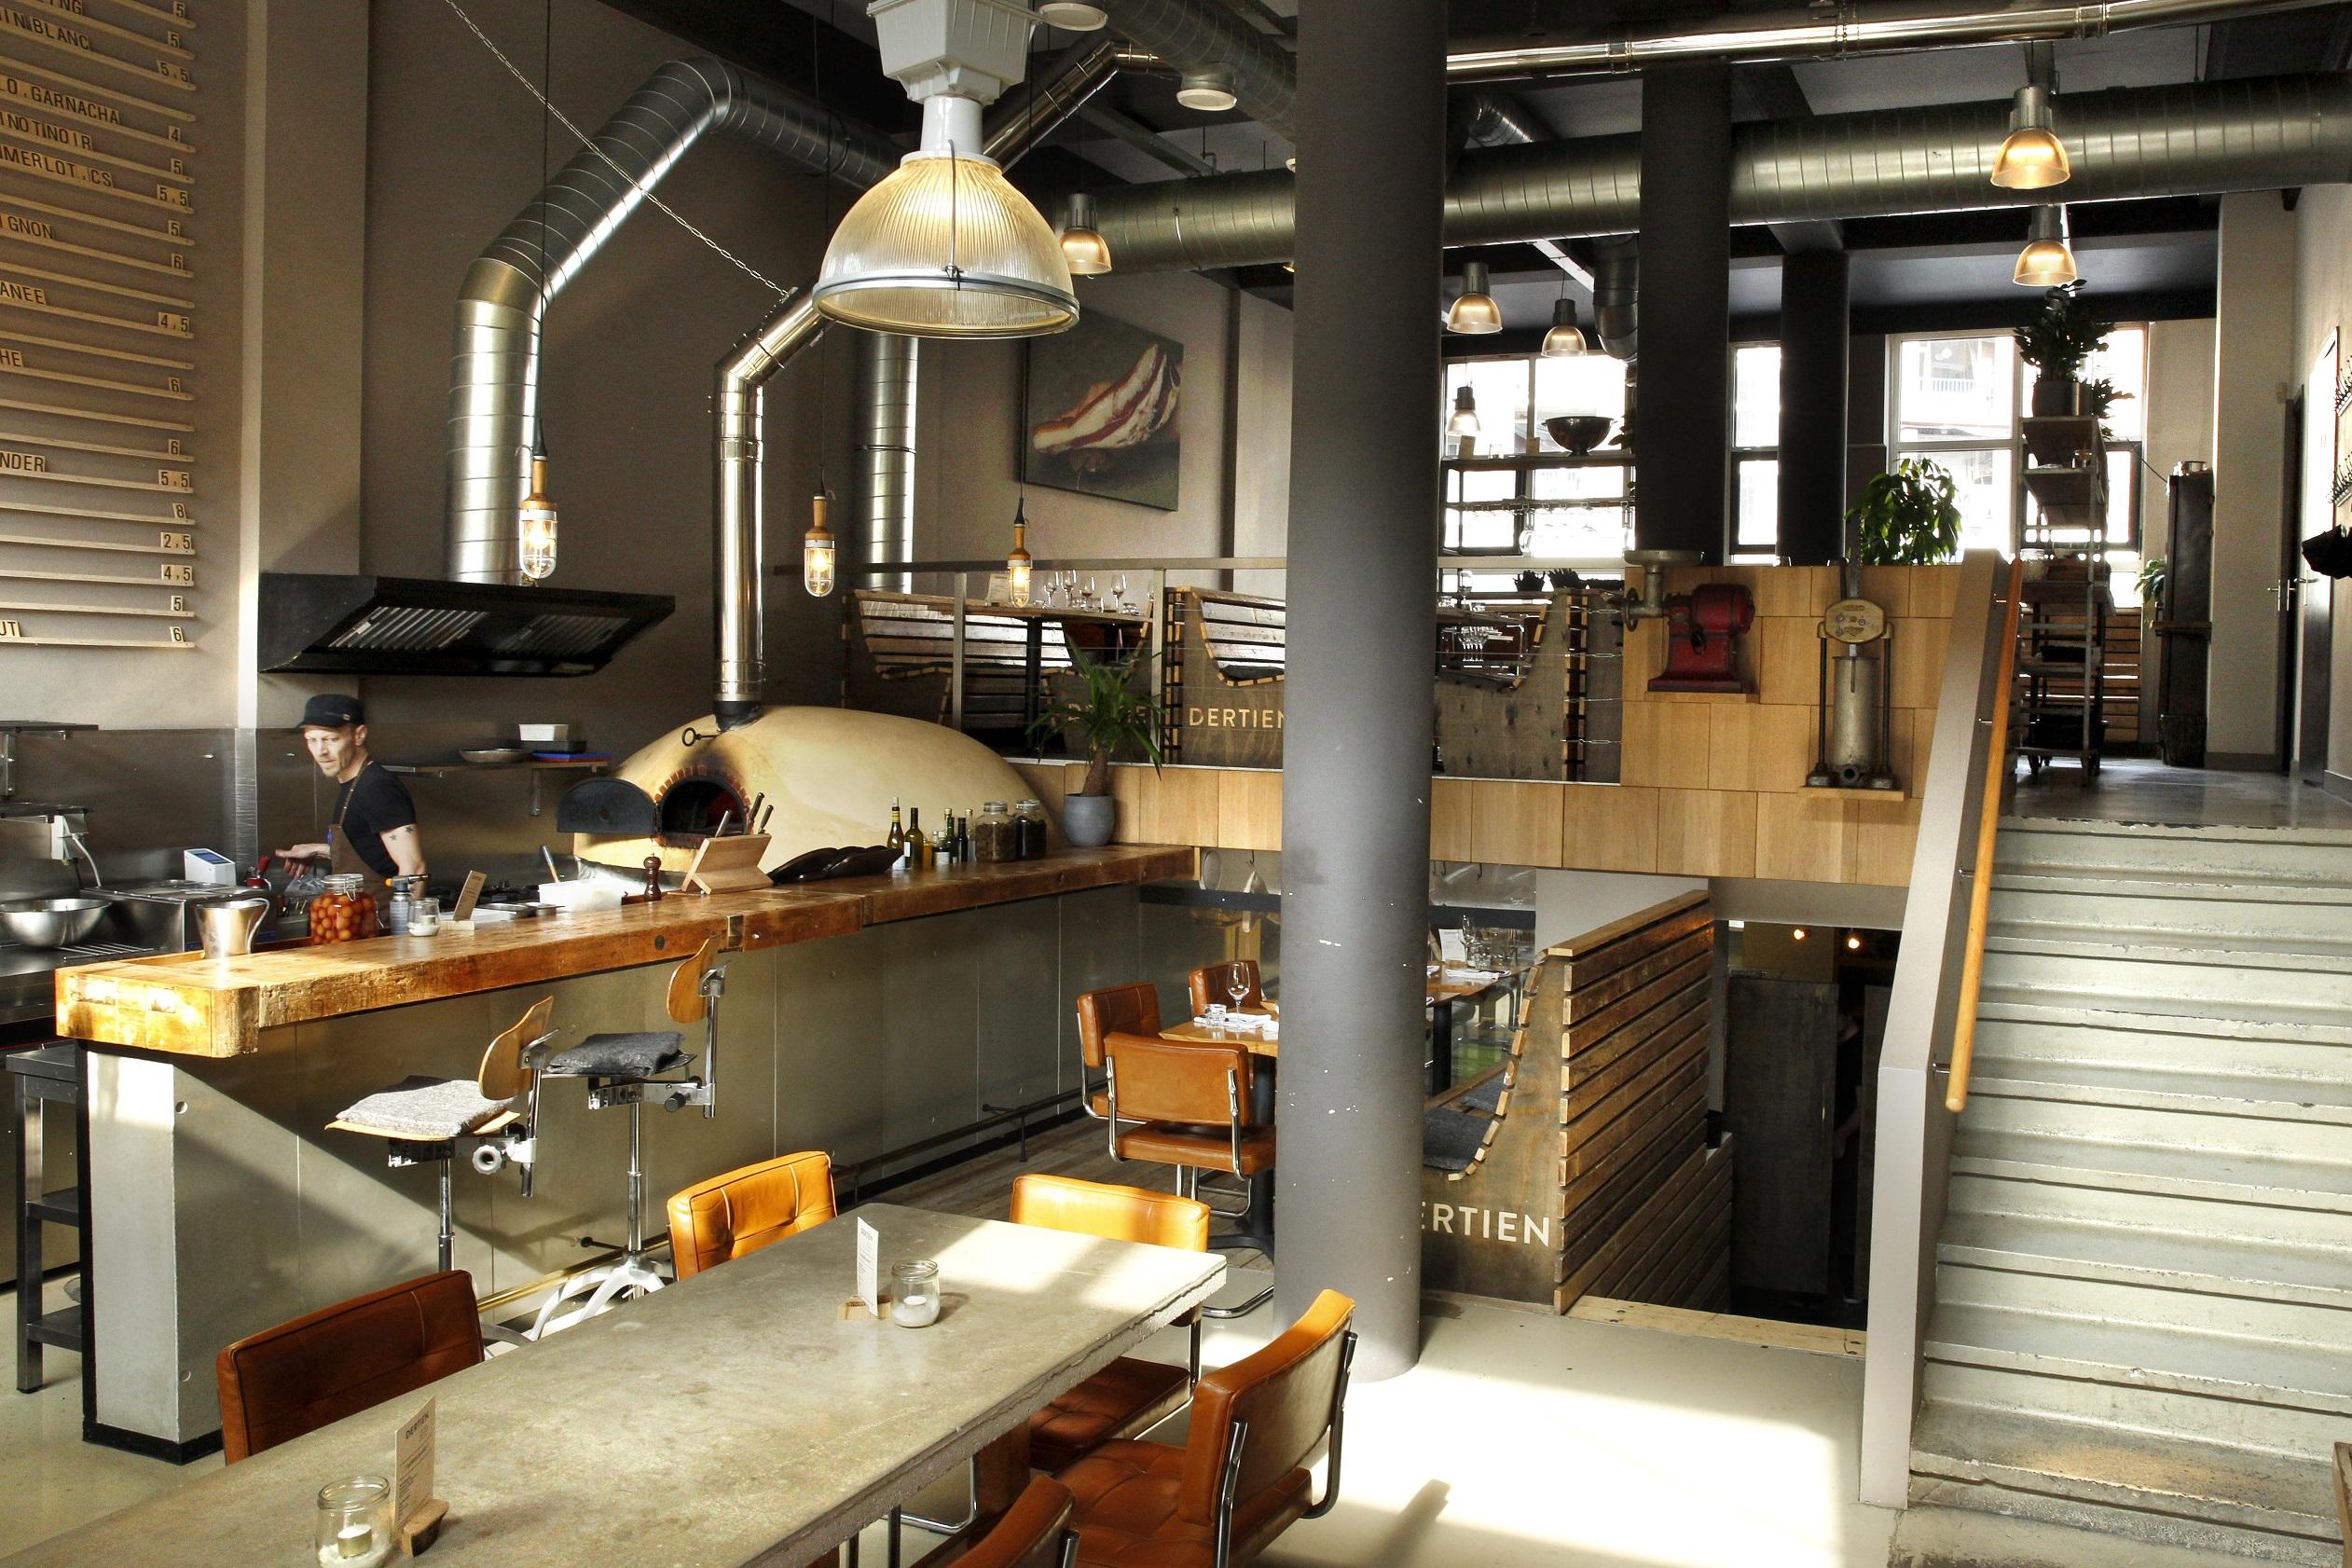 Afbeelding Restaurant Dertien - Theaterwijzer